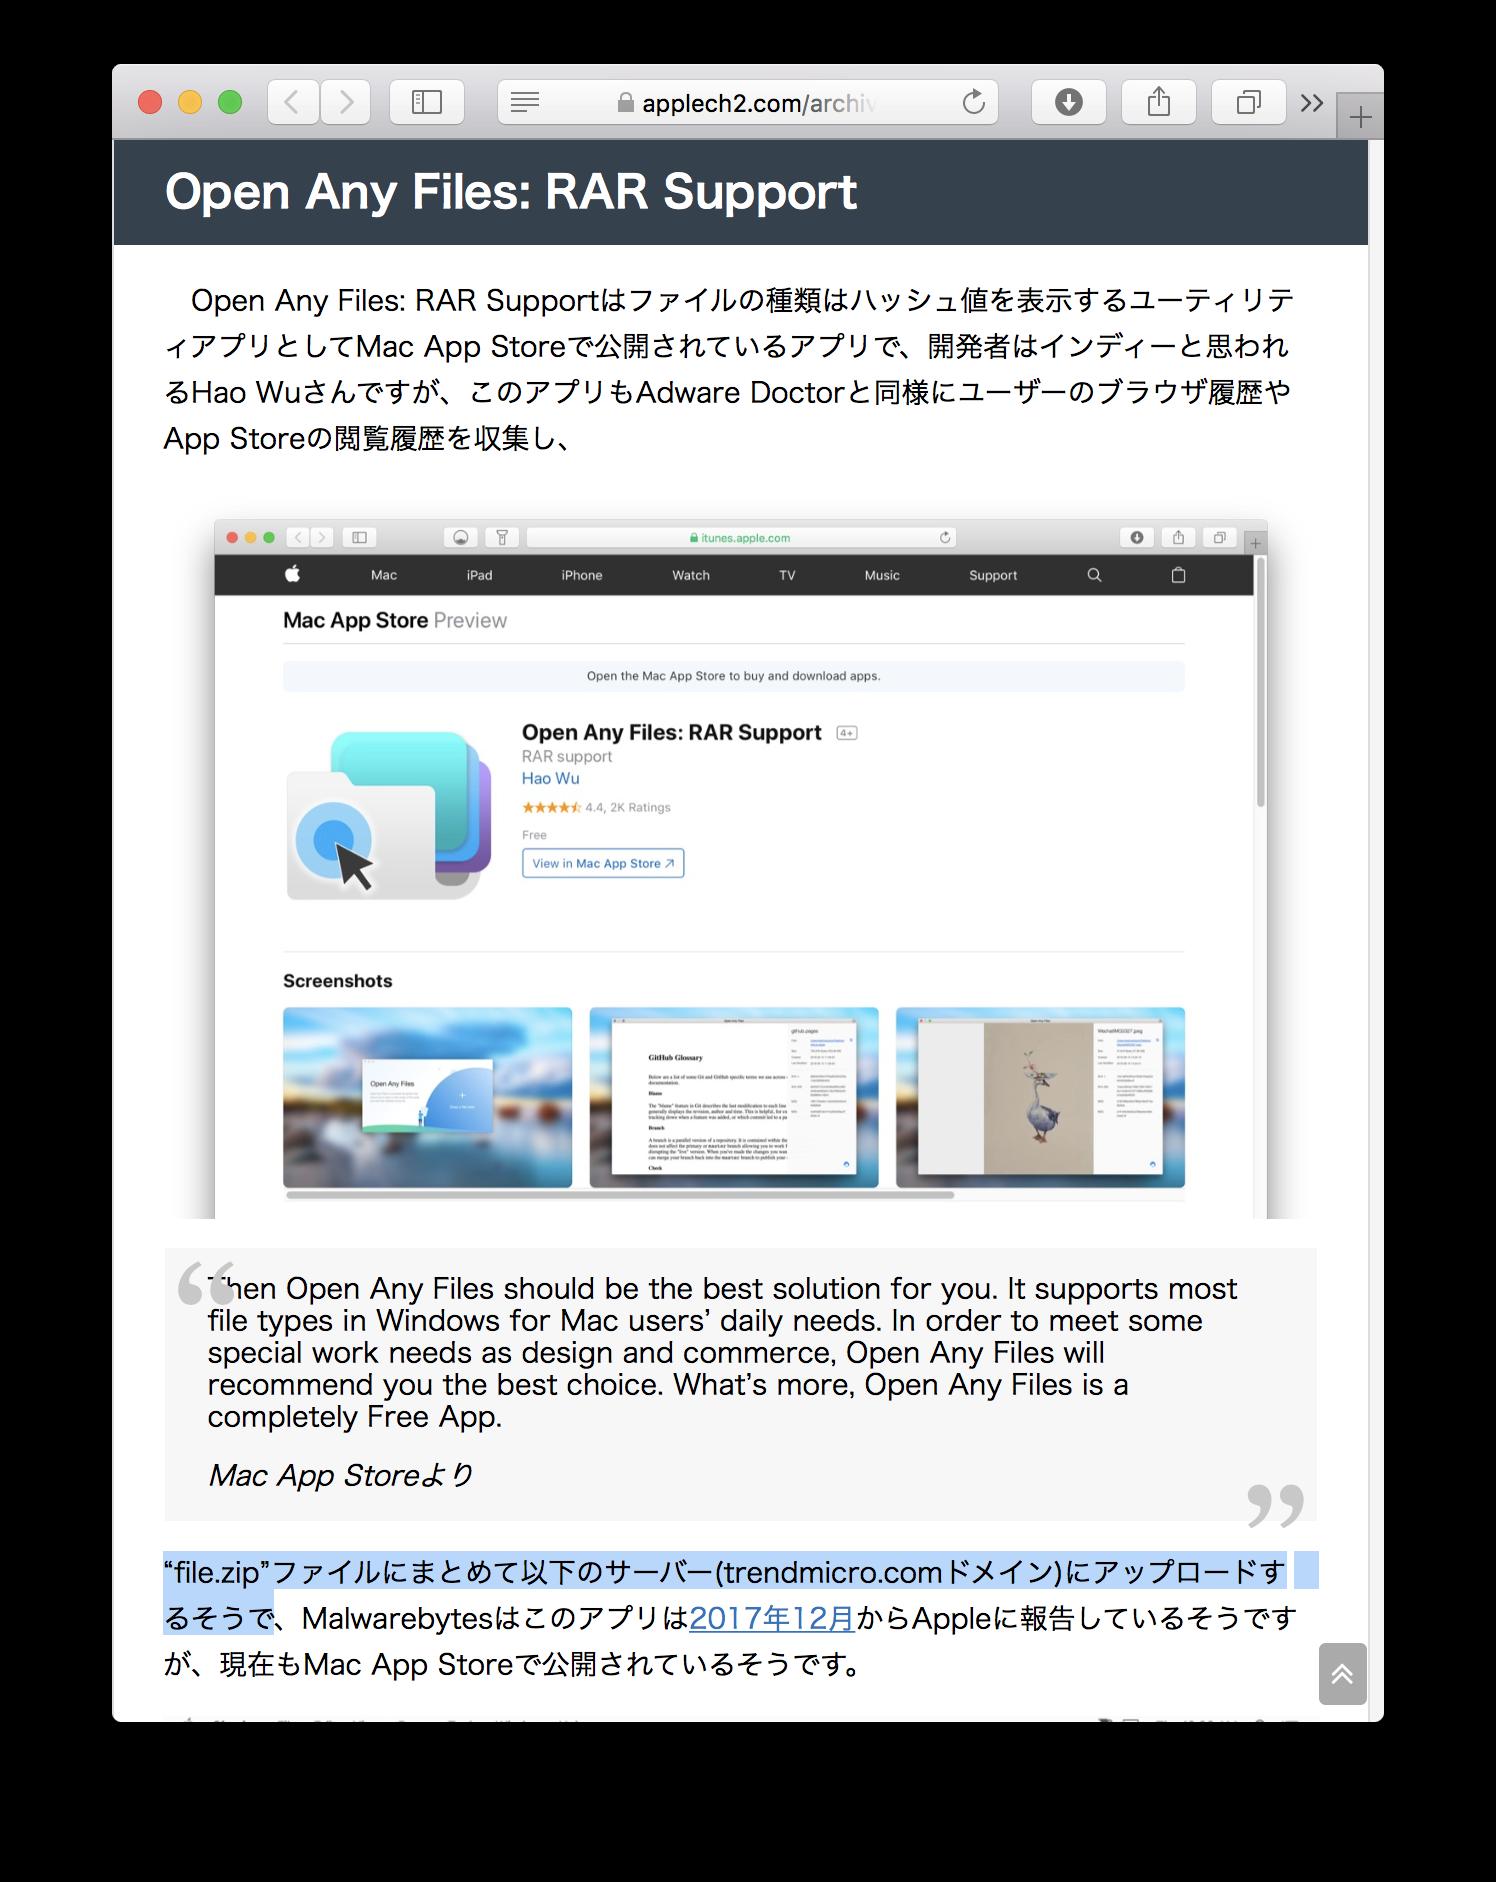 画像,ここの闇も未解明だぞ。https://t.co/65zXEN2IOk「Open Any Files…開発者はインディーと思われるHao Wuさんですが、このアプ…